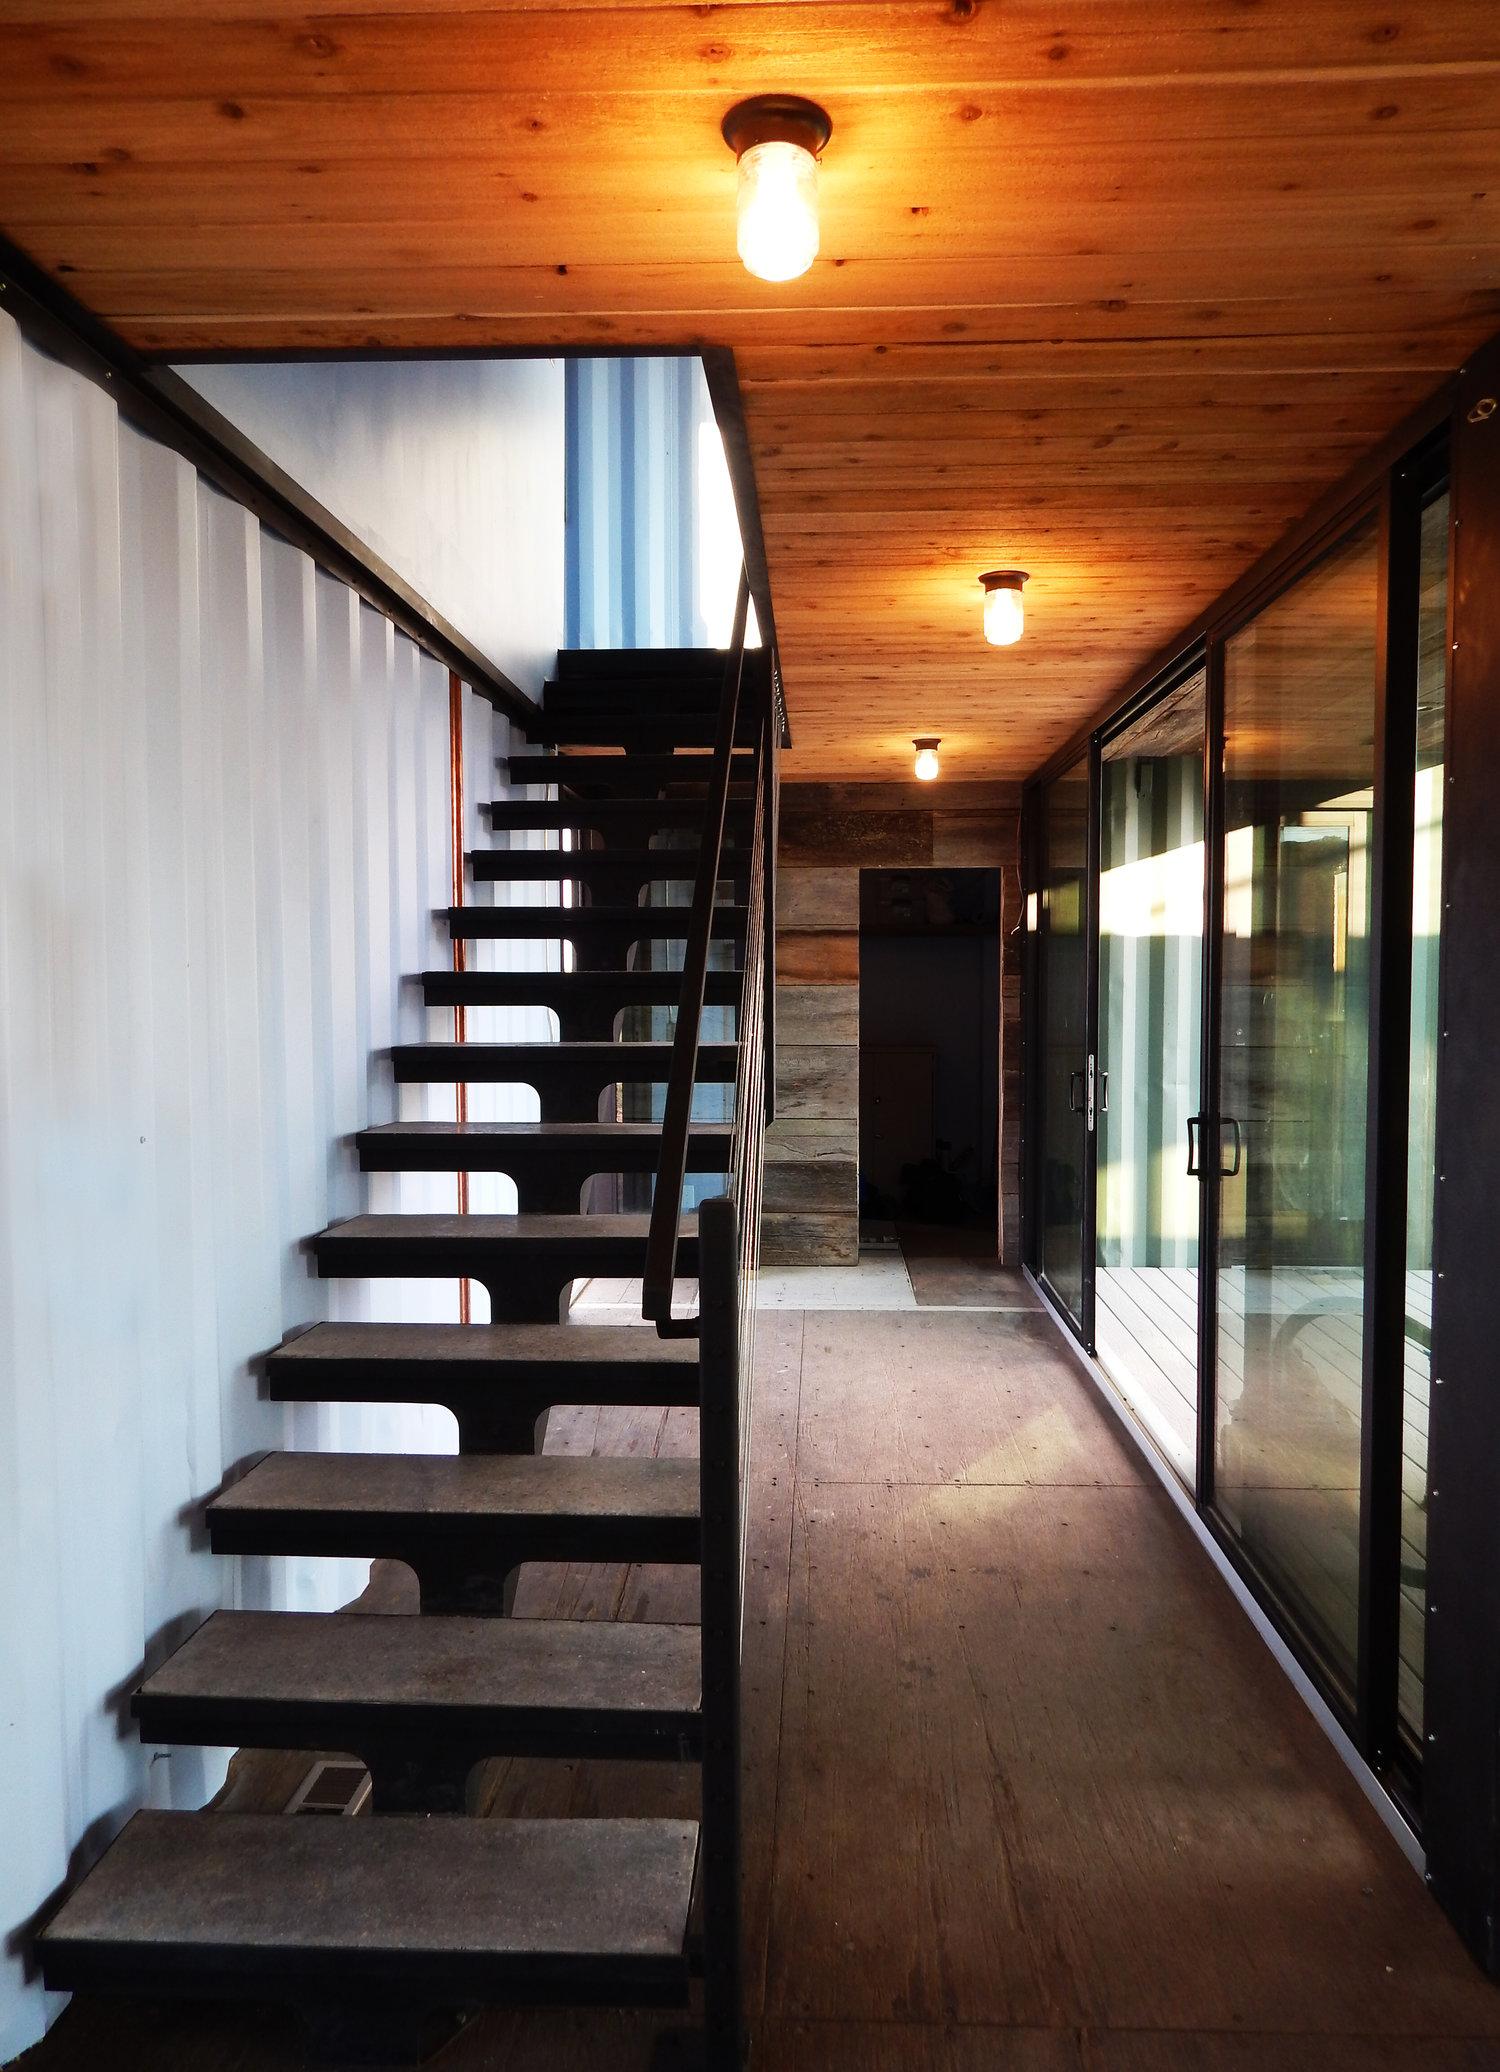 Escaleras Interior.jpg